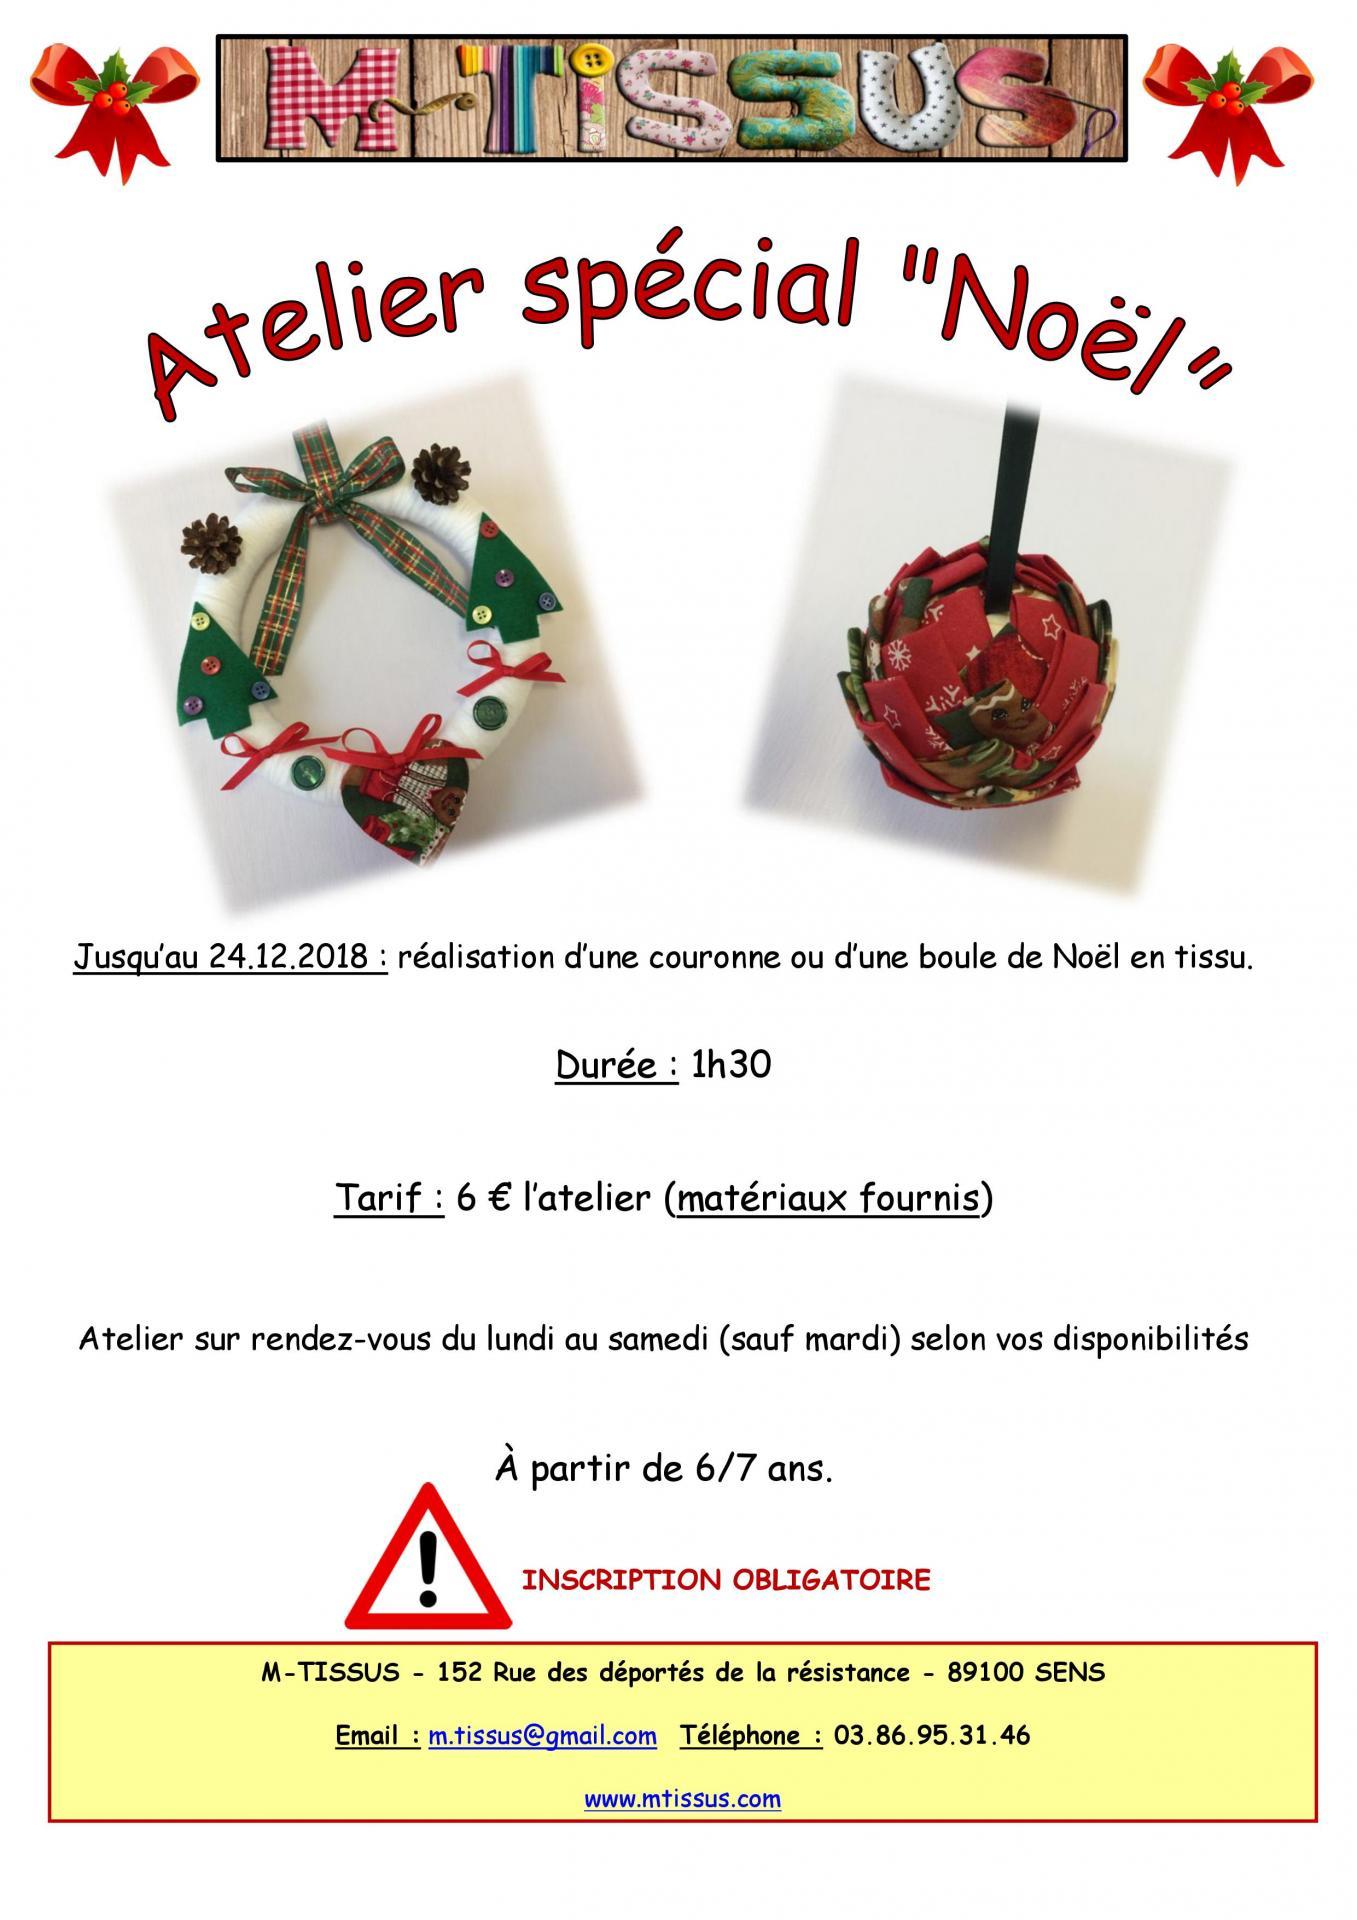 Ateliers noel 2018 2